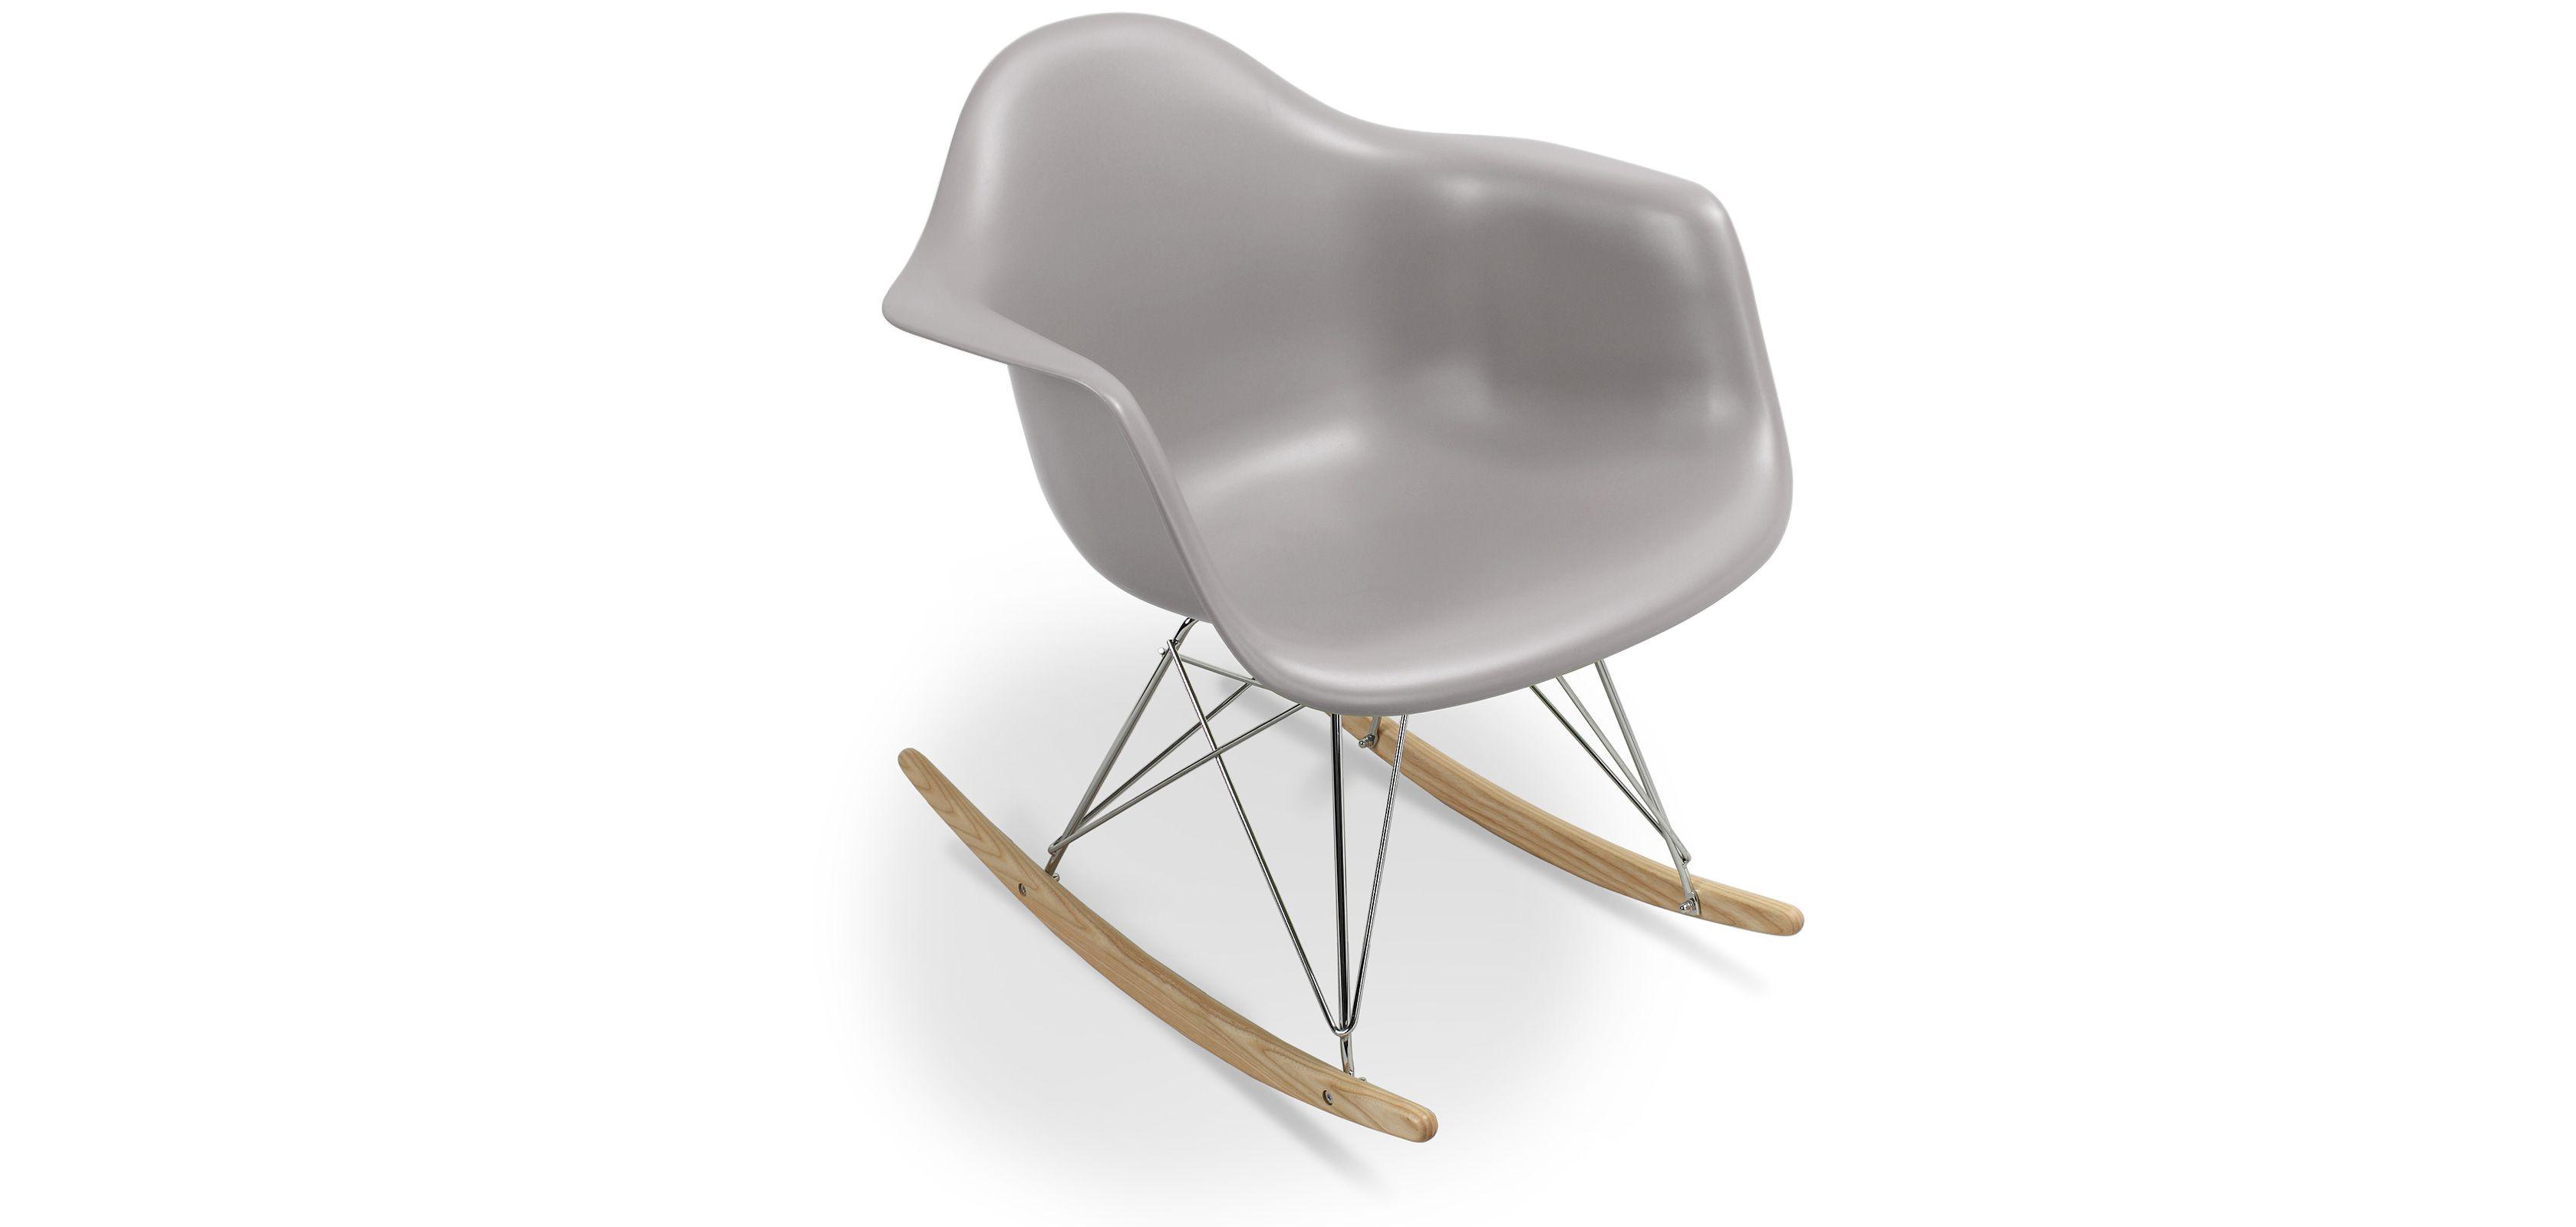 Chaise A Bascule Rocking Chair Rar Charles Eames Bakelite Beauty Furniture Rocking Chair Chair